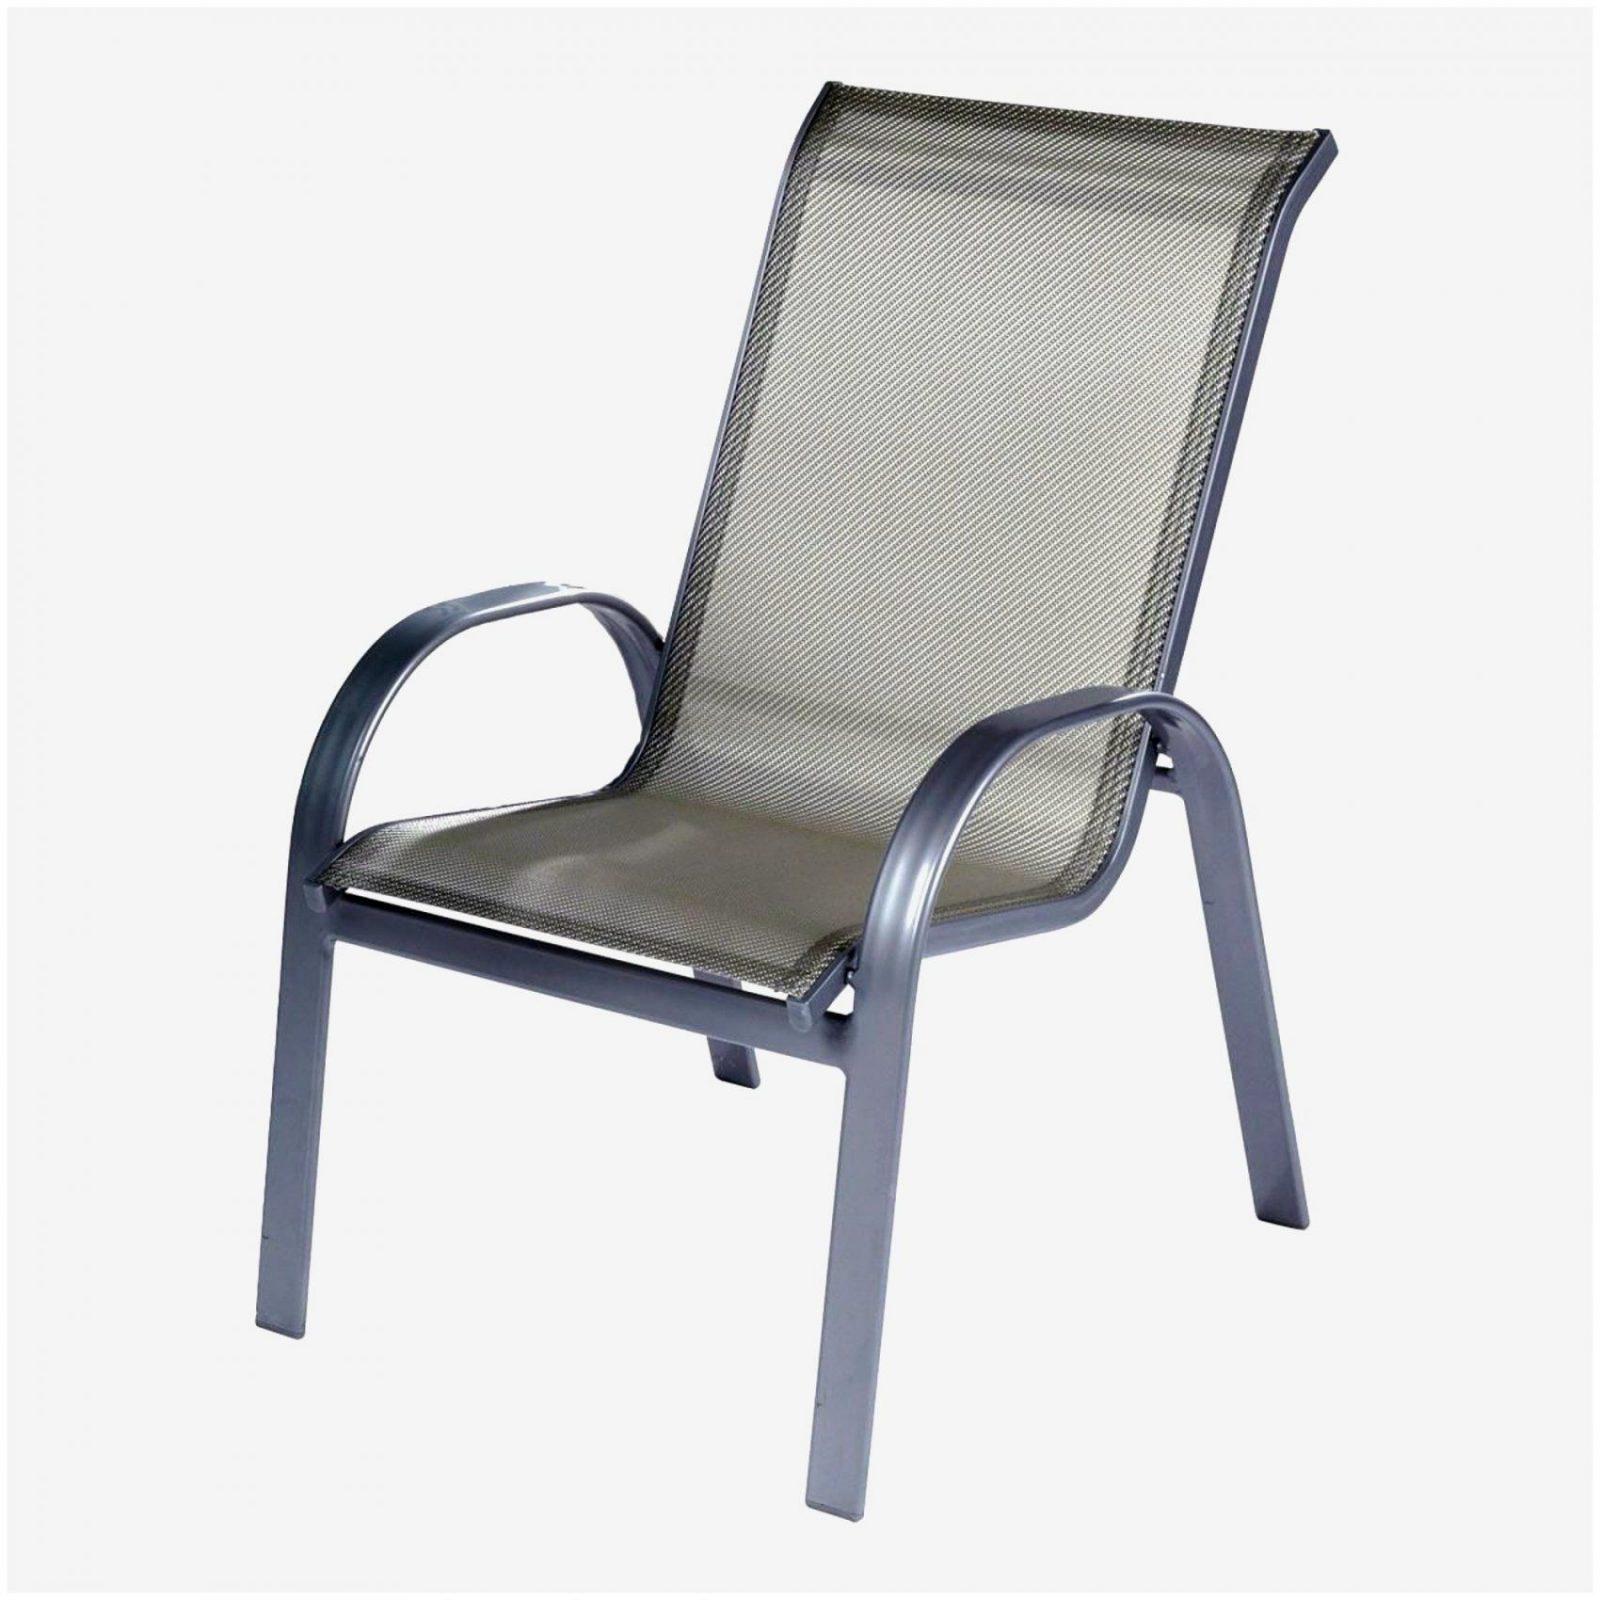 Luxus Gartenstühle Hochlehner Stapelbar Sammlung Von Stühle Ideen von Gartenstühle Alu Hochlehner Stapelbar Photo